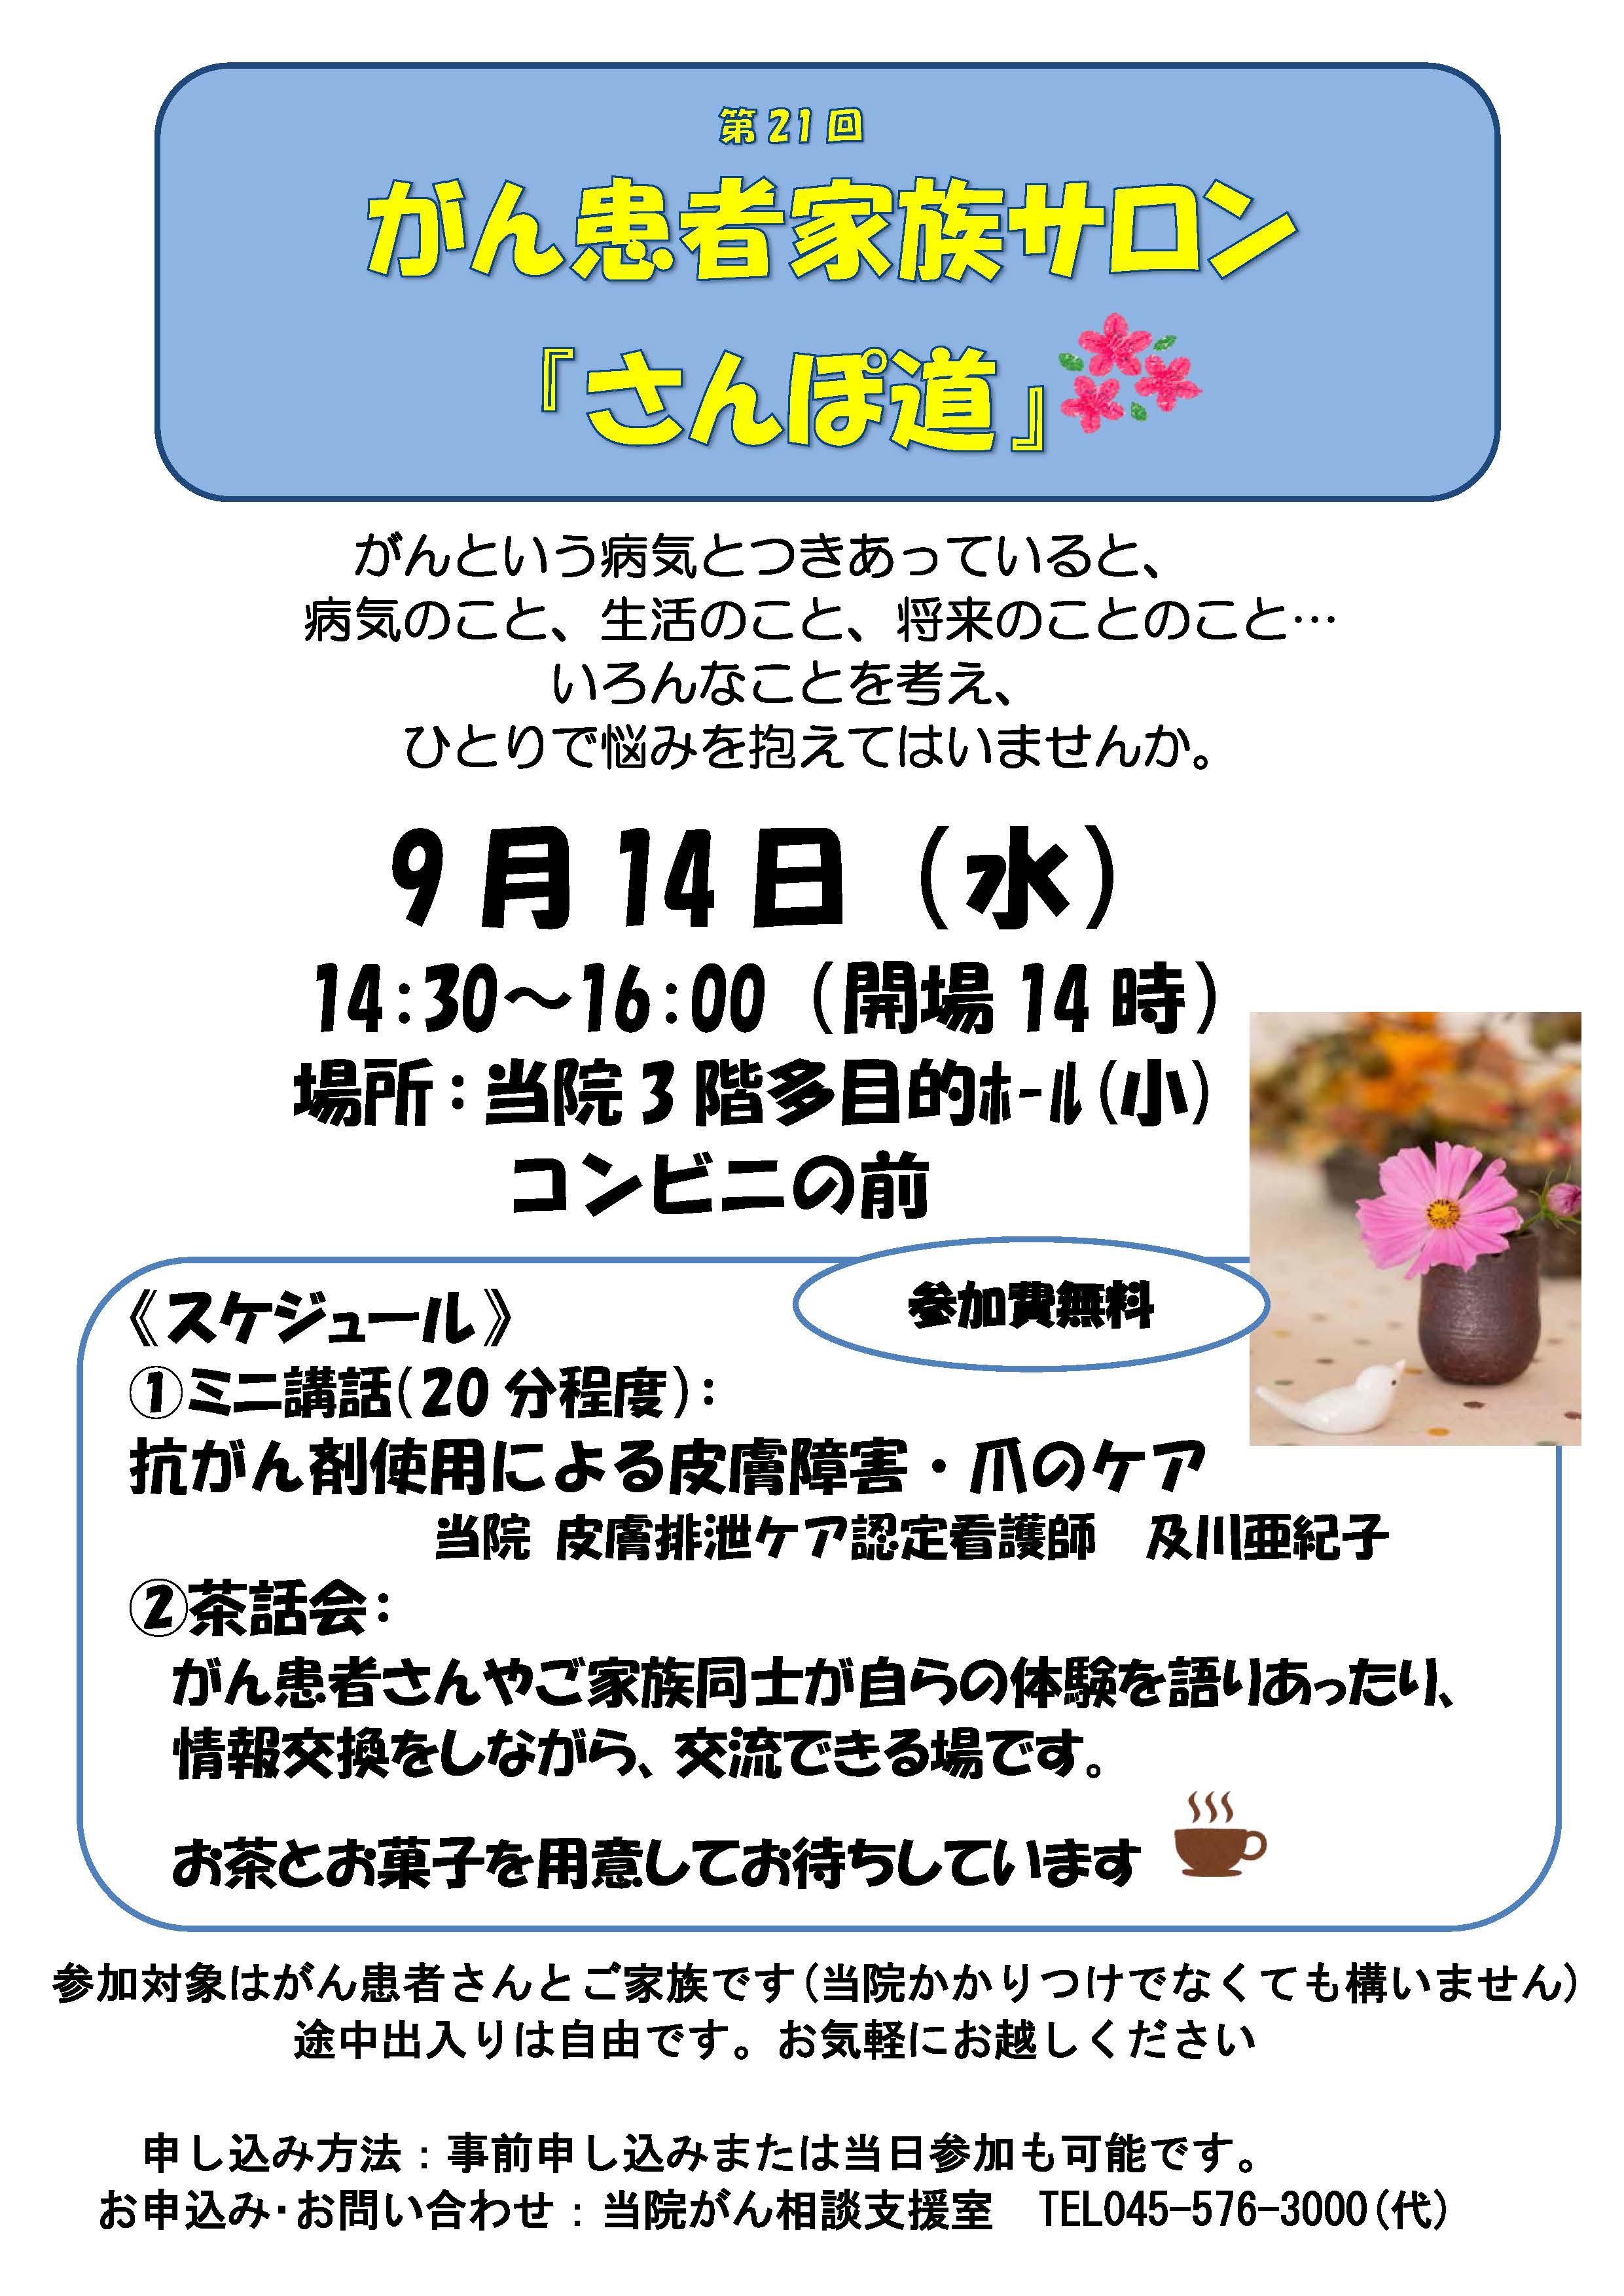 がんサロン第21回ポスター9.14